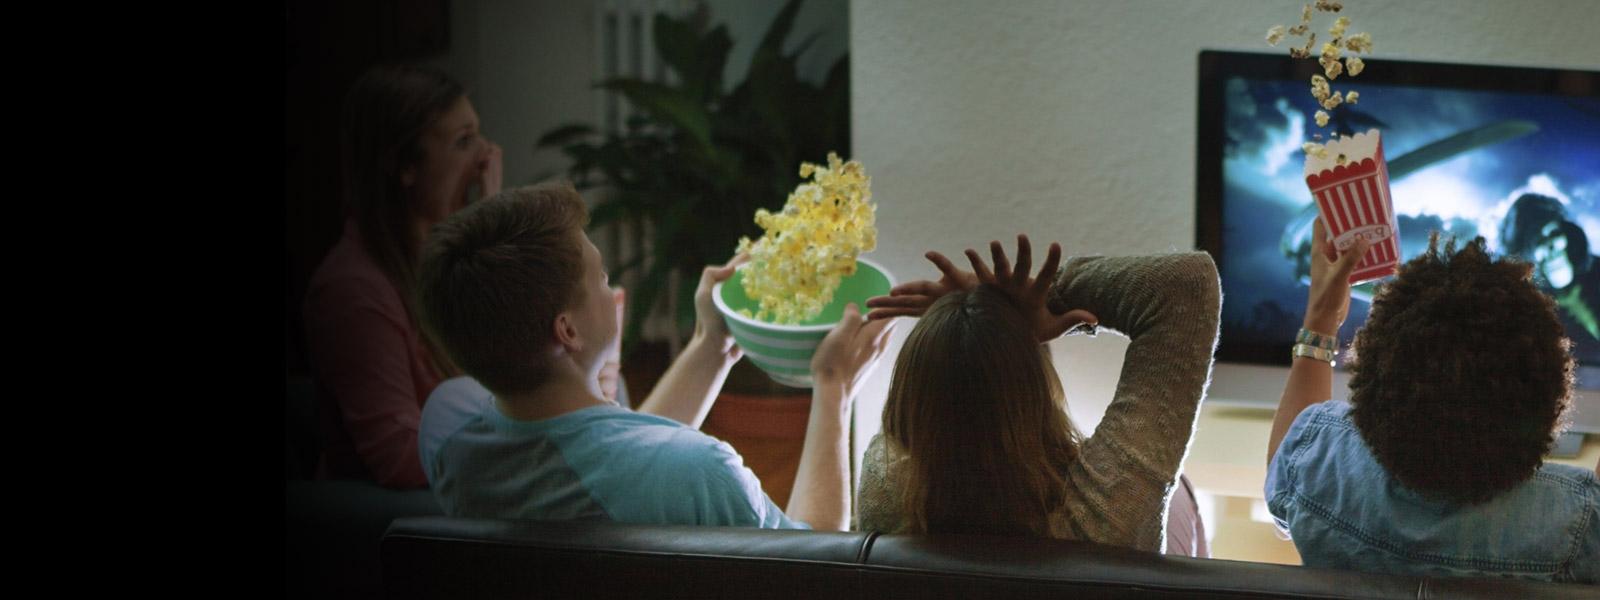 Mennesker sitter på en sofa og ser på film